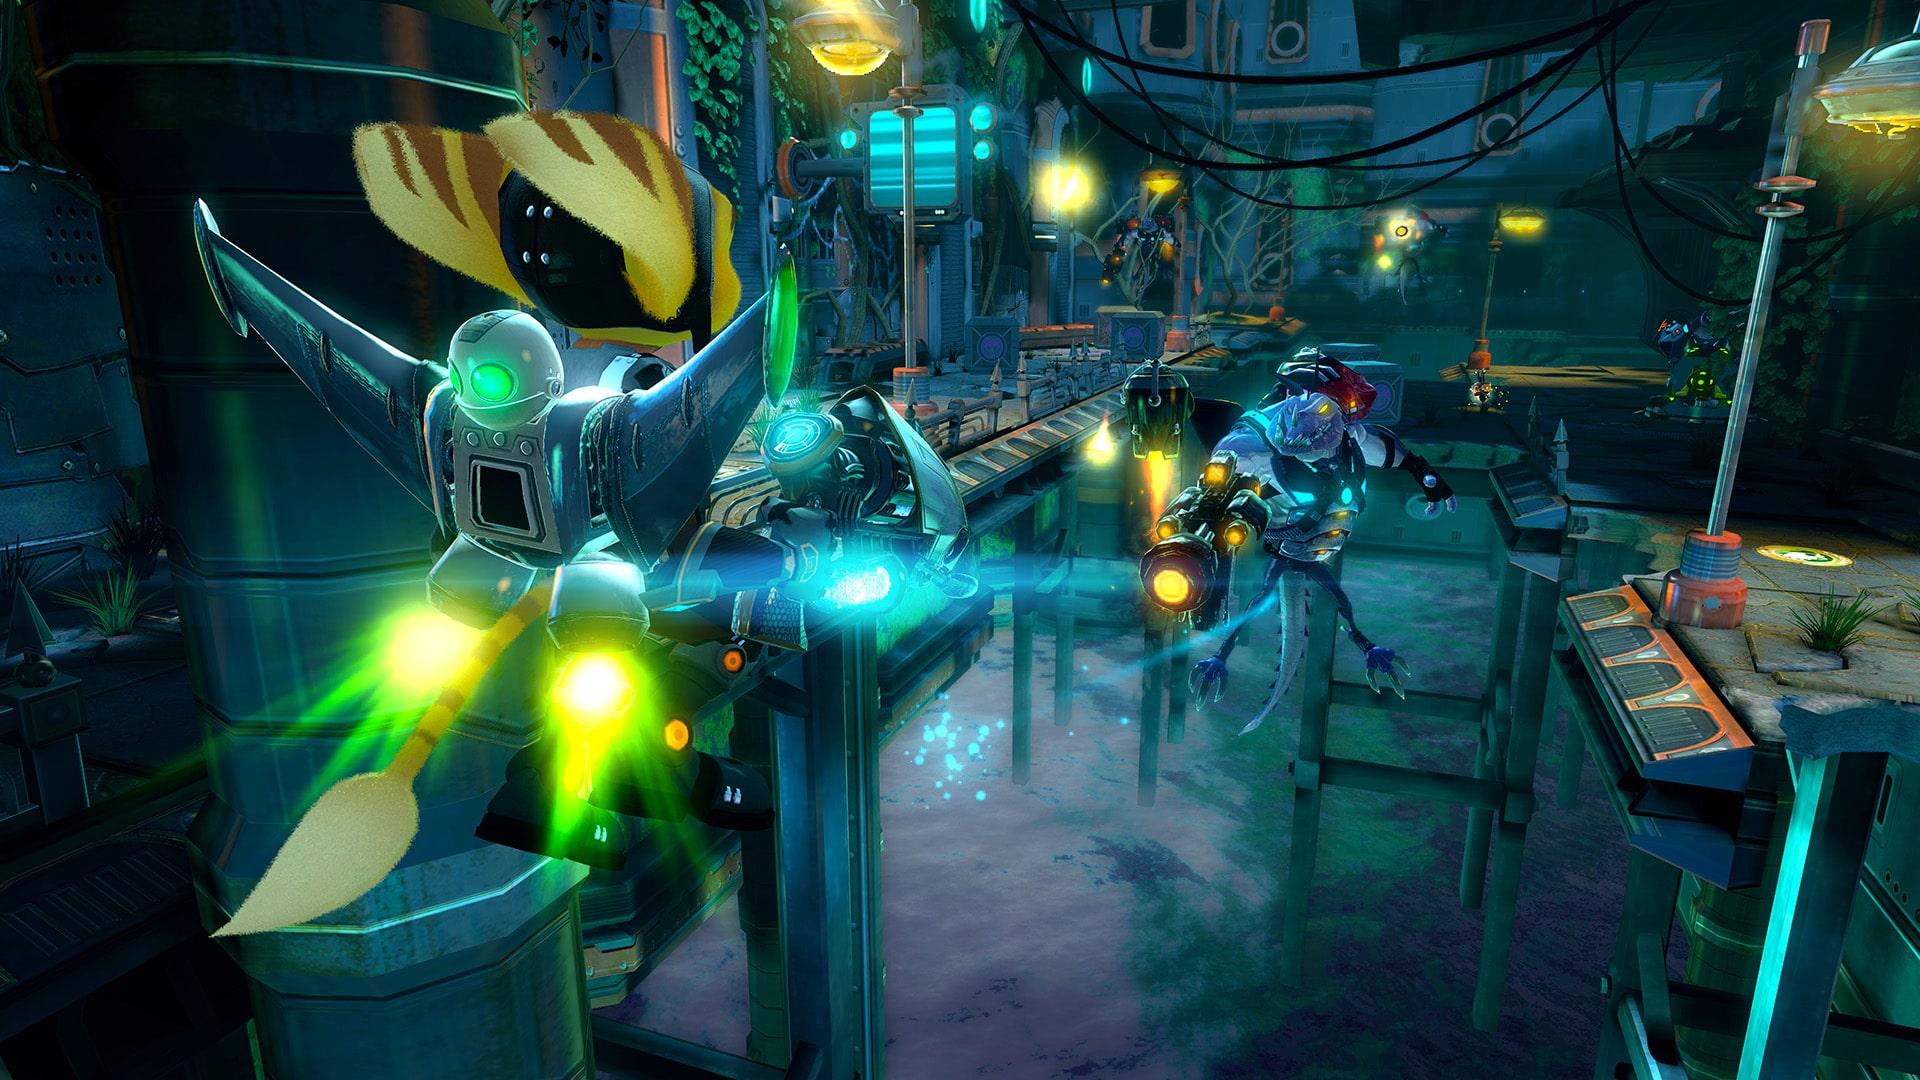 Ratchet and Clank: Nexus